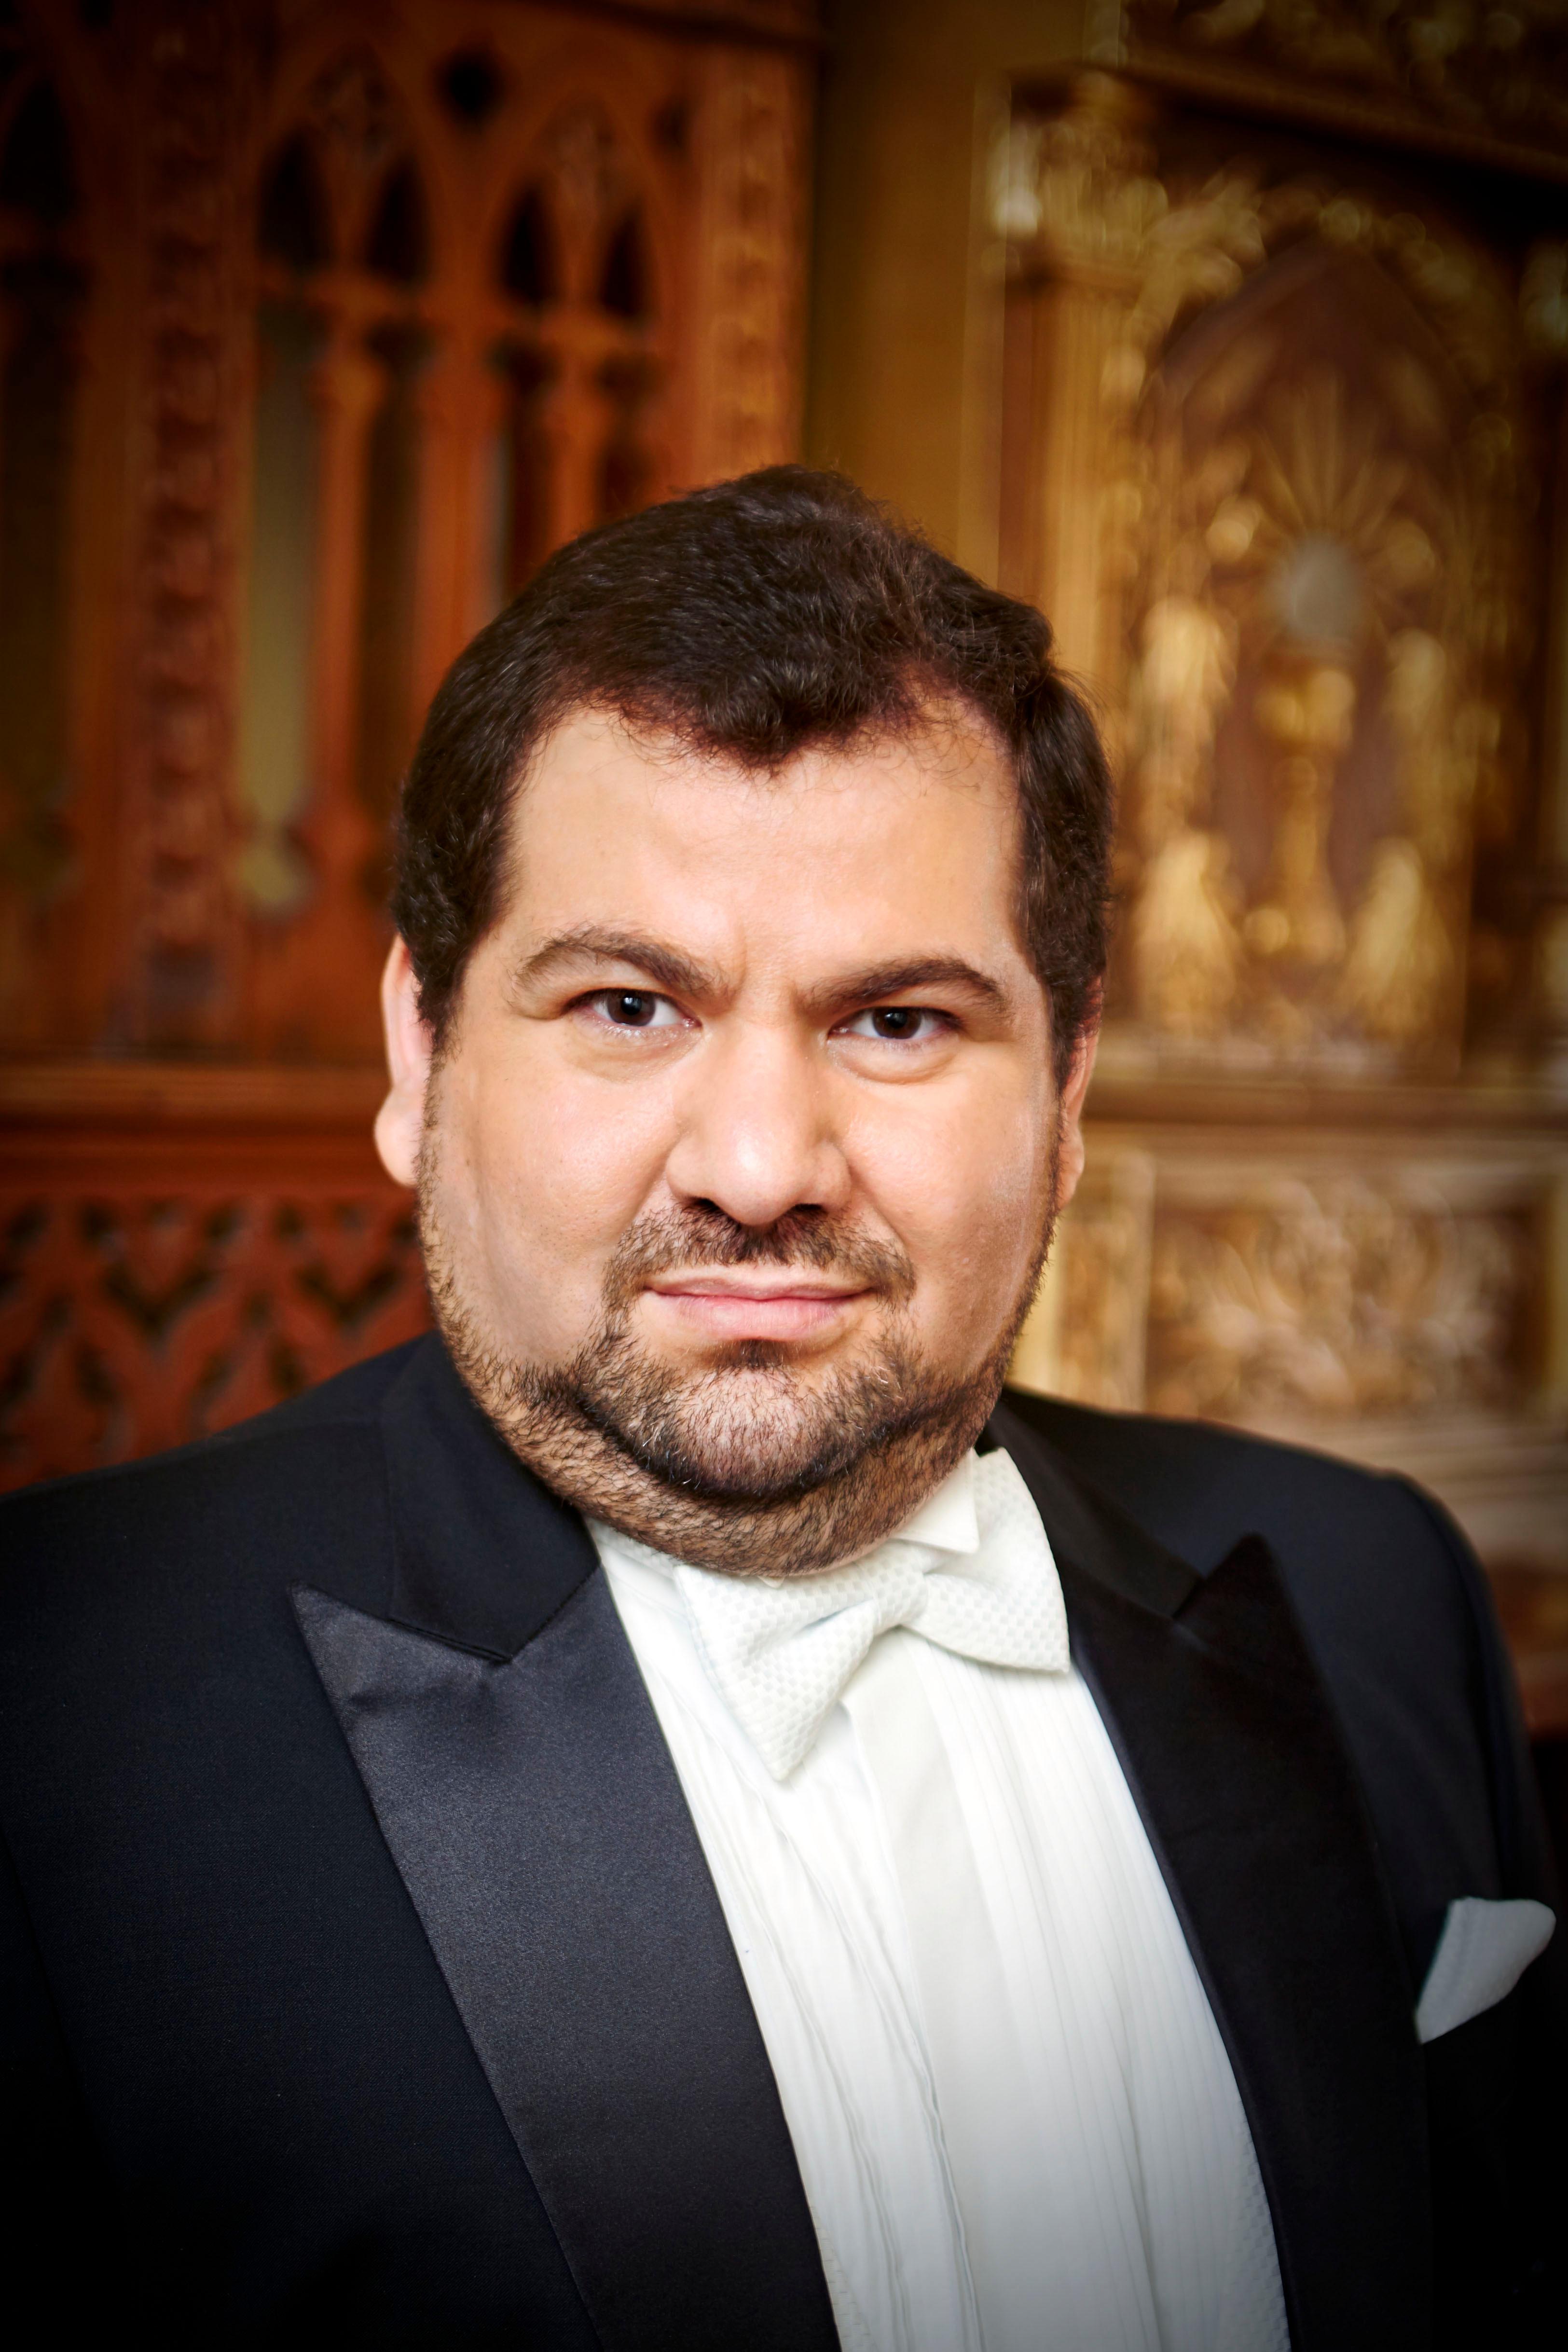 Clases de canto lírico con Jorge Cassis